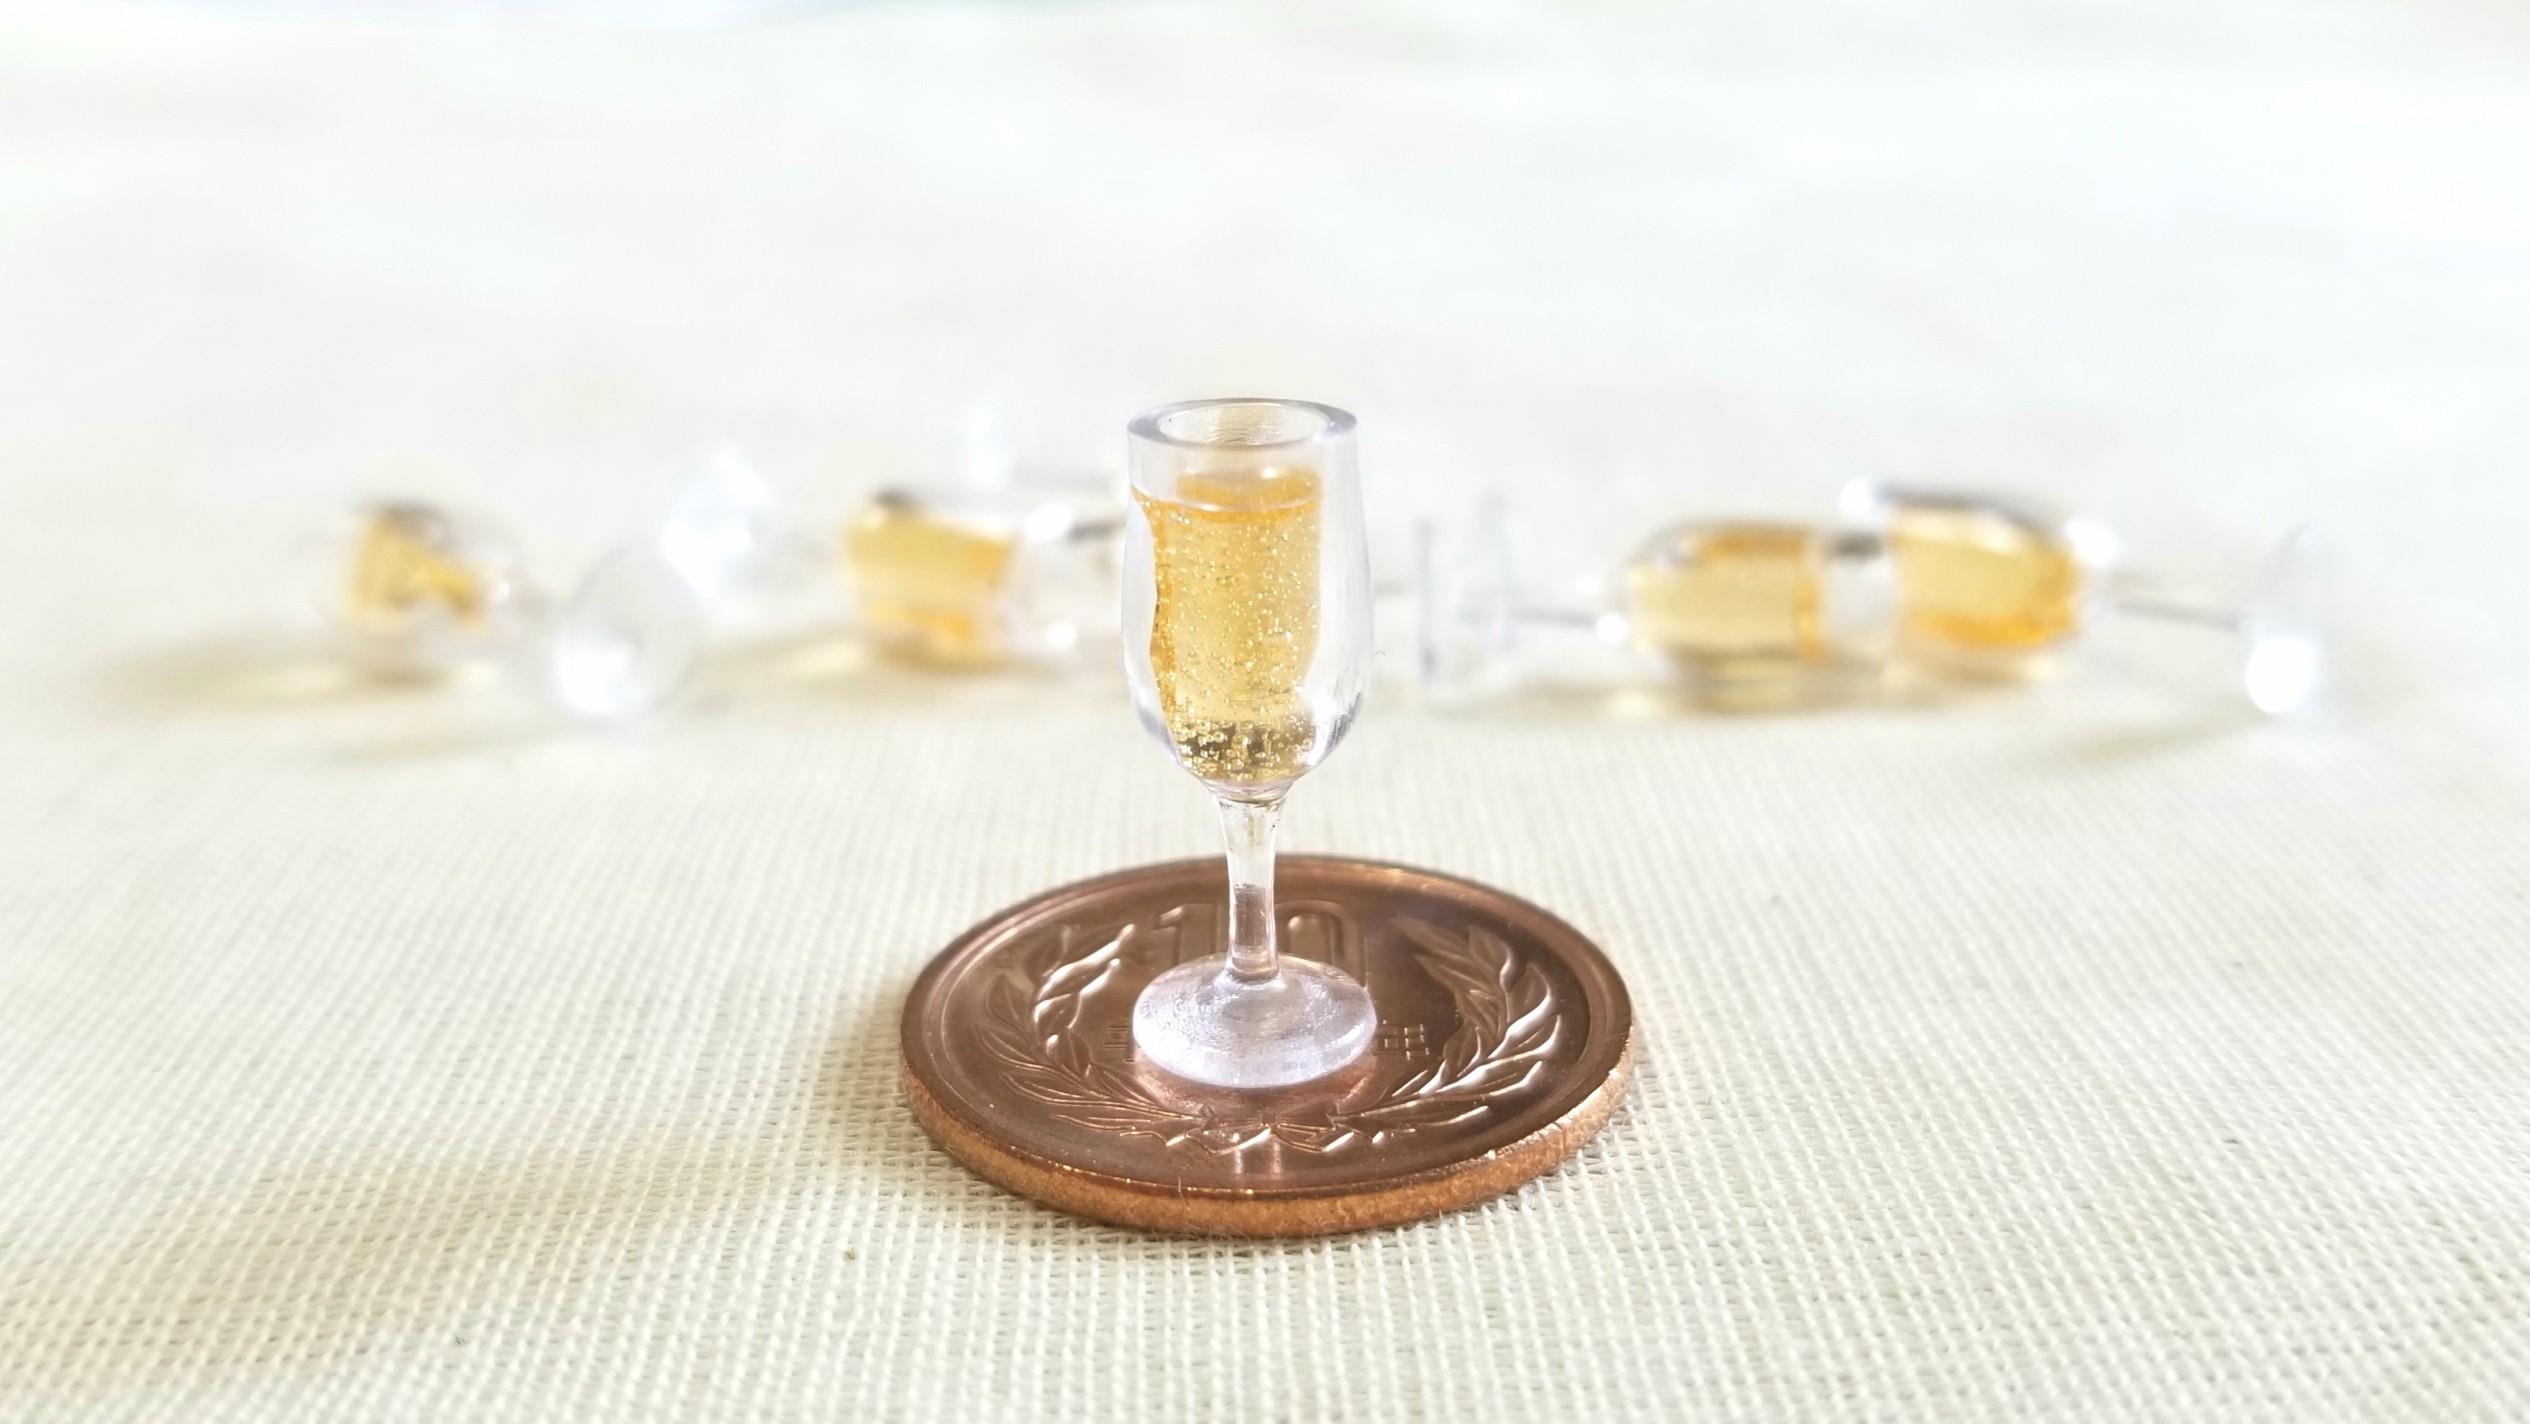 ミニチュアフードゴールドシャンパン高級豪華綺麗おいしいお洒落